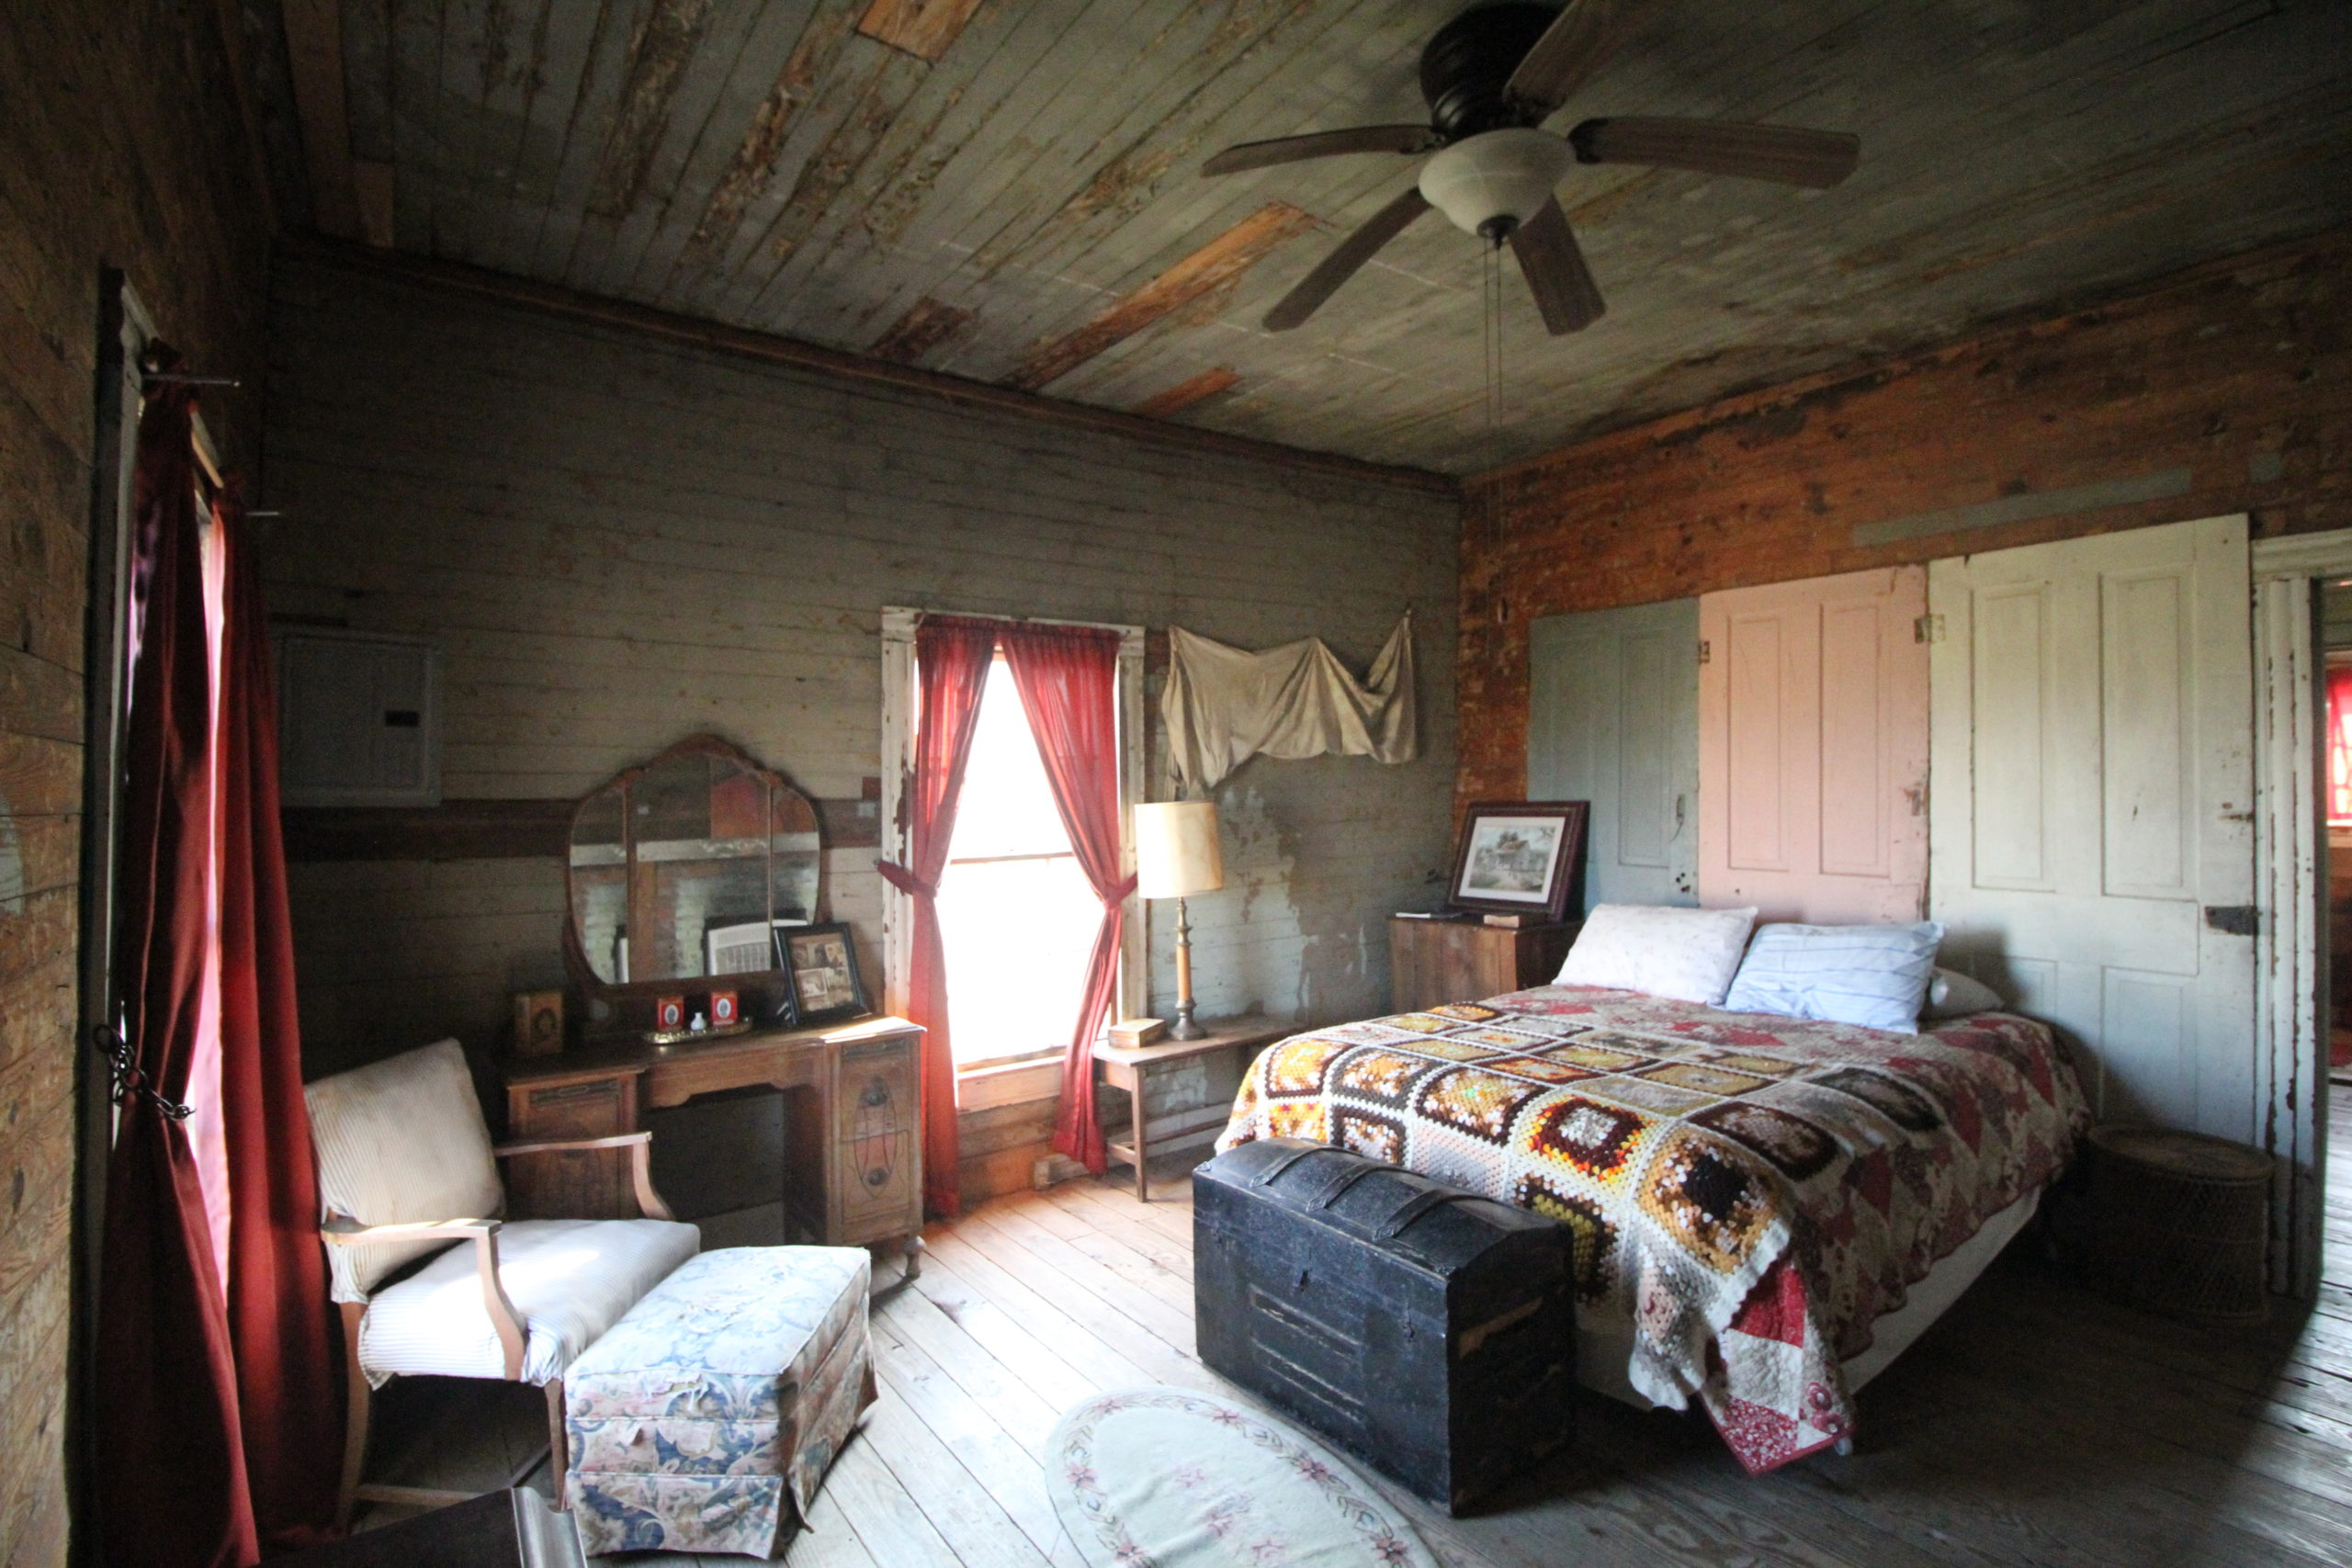 Tallahatchie flats bedroom queen bed